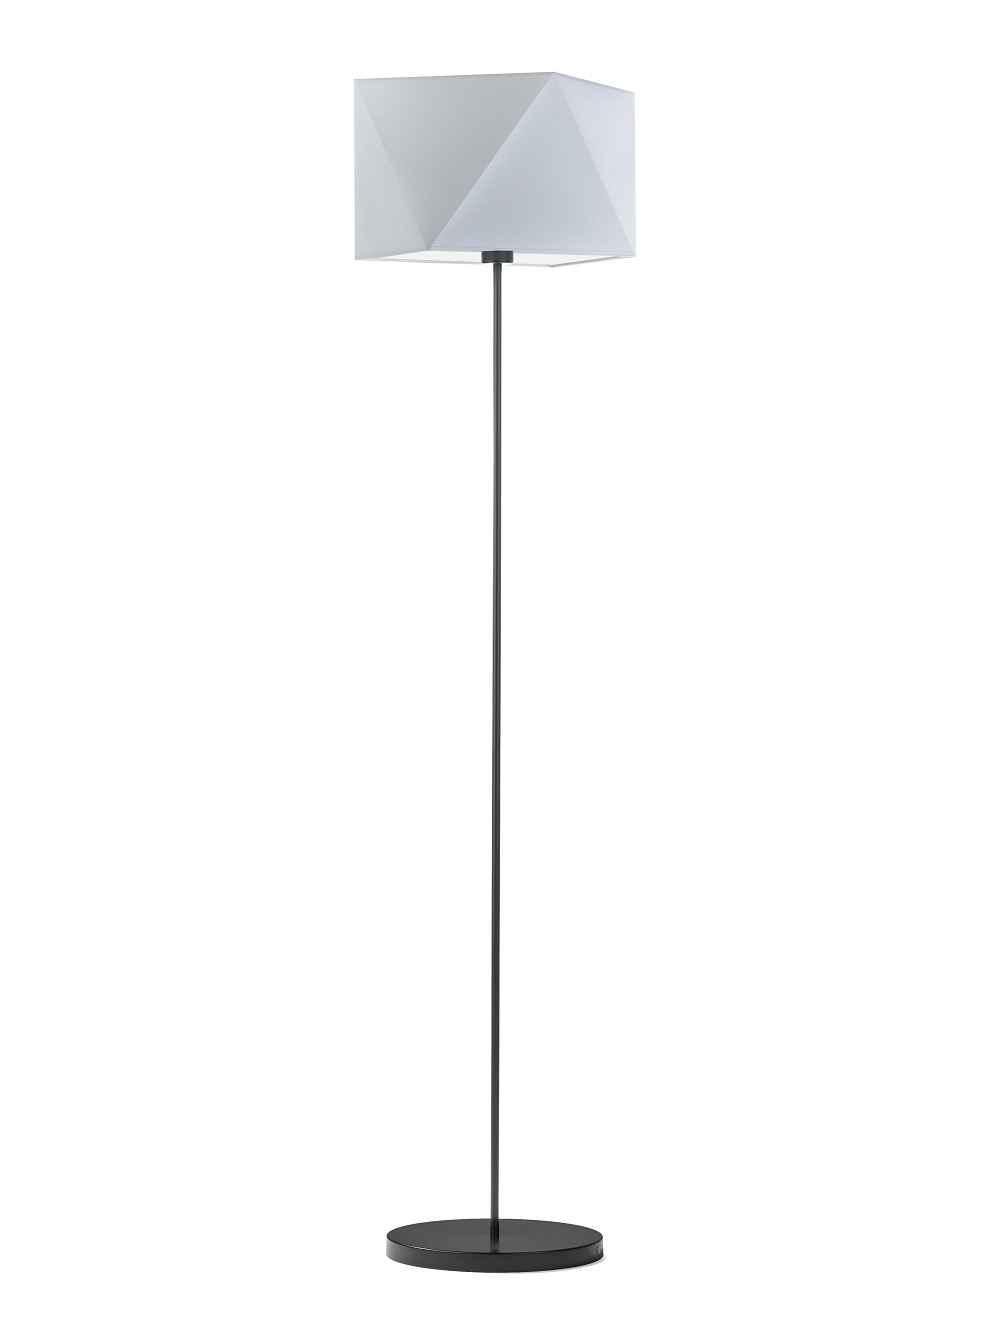 Lampa stojąca abażurowa diament BURNE! Częstochowa - zdjęcie 4